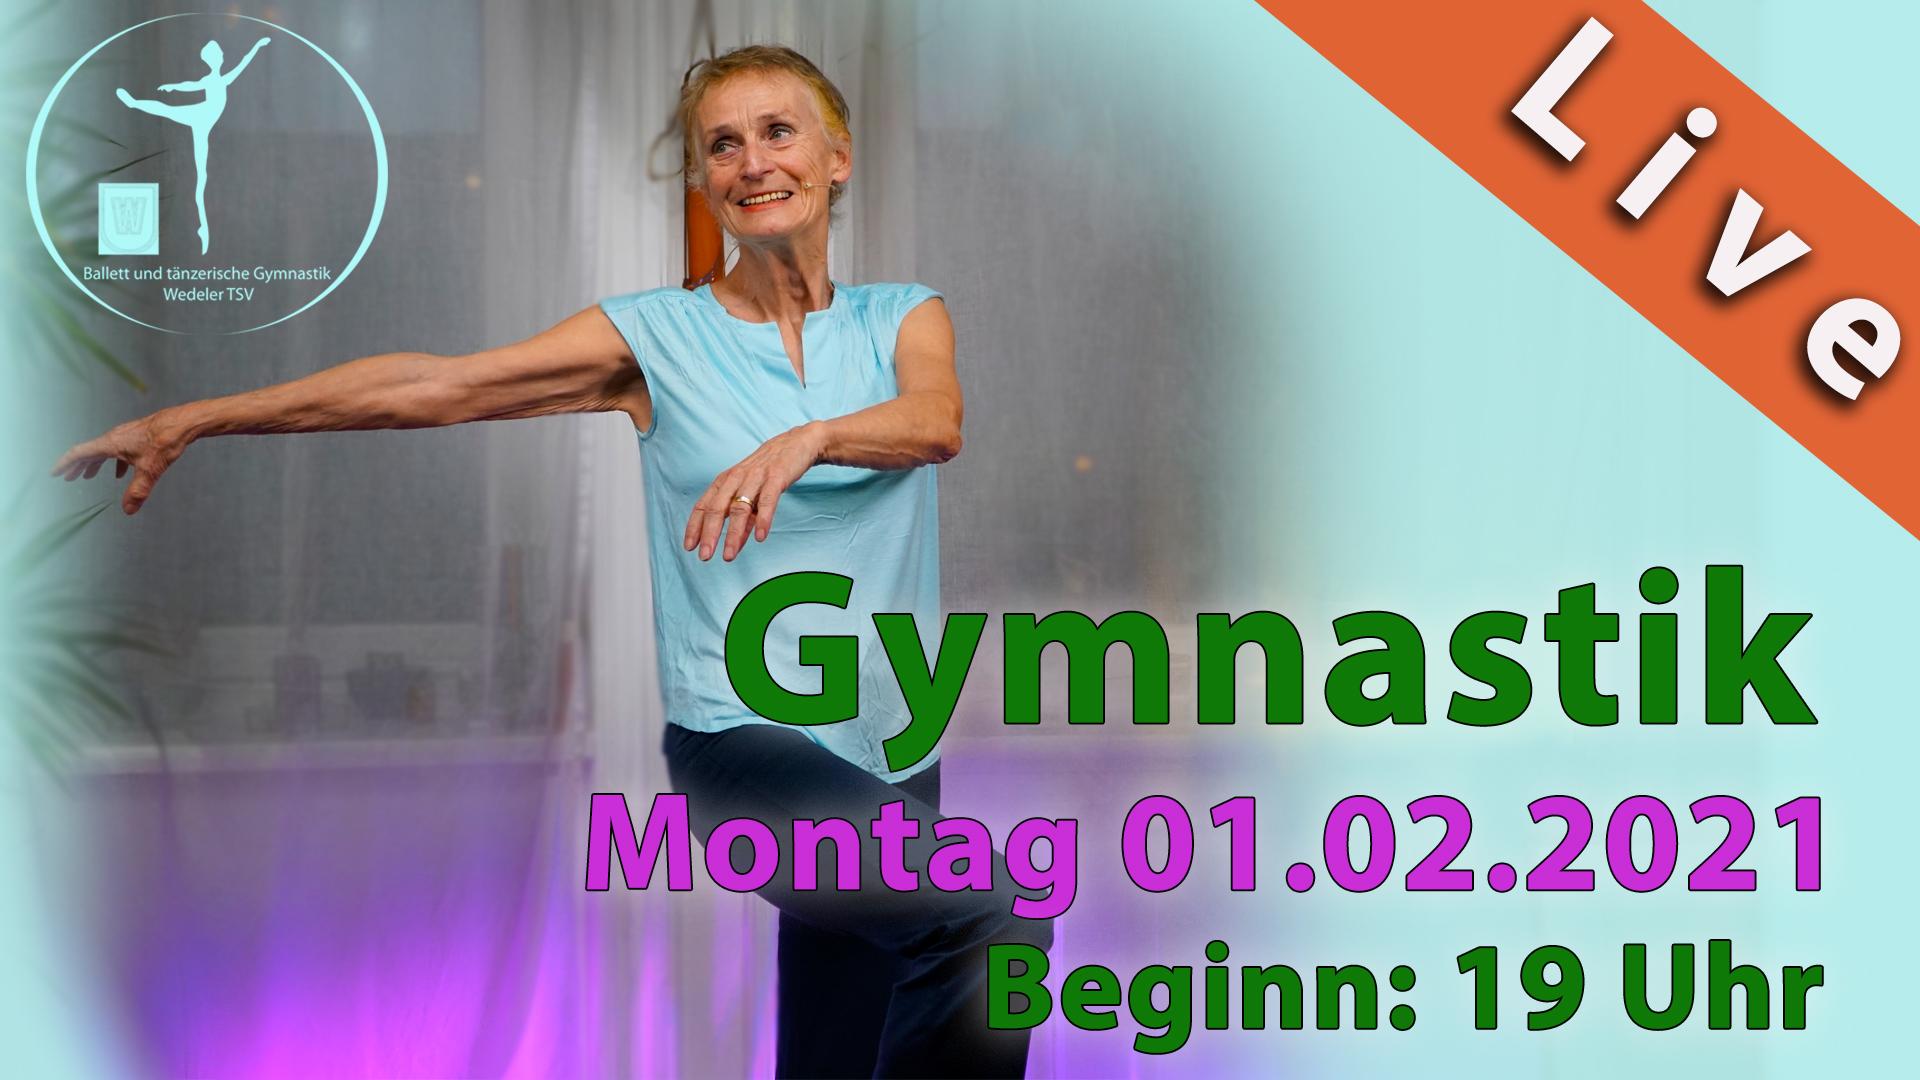 Gymnastik Livestream | Montag 01.02.2021 | 19 Uhr